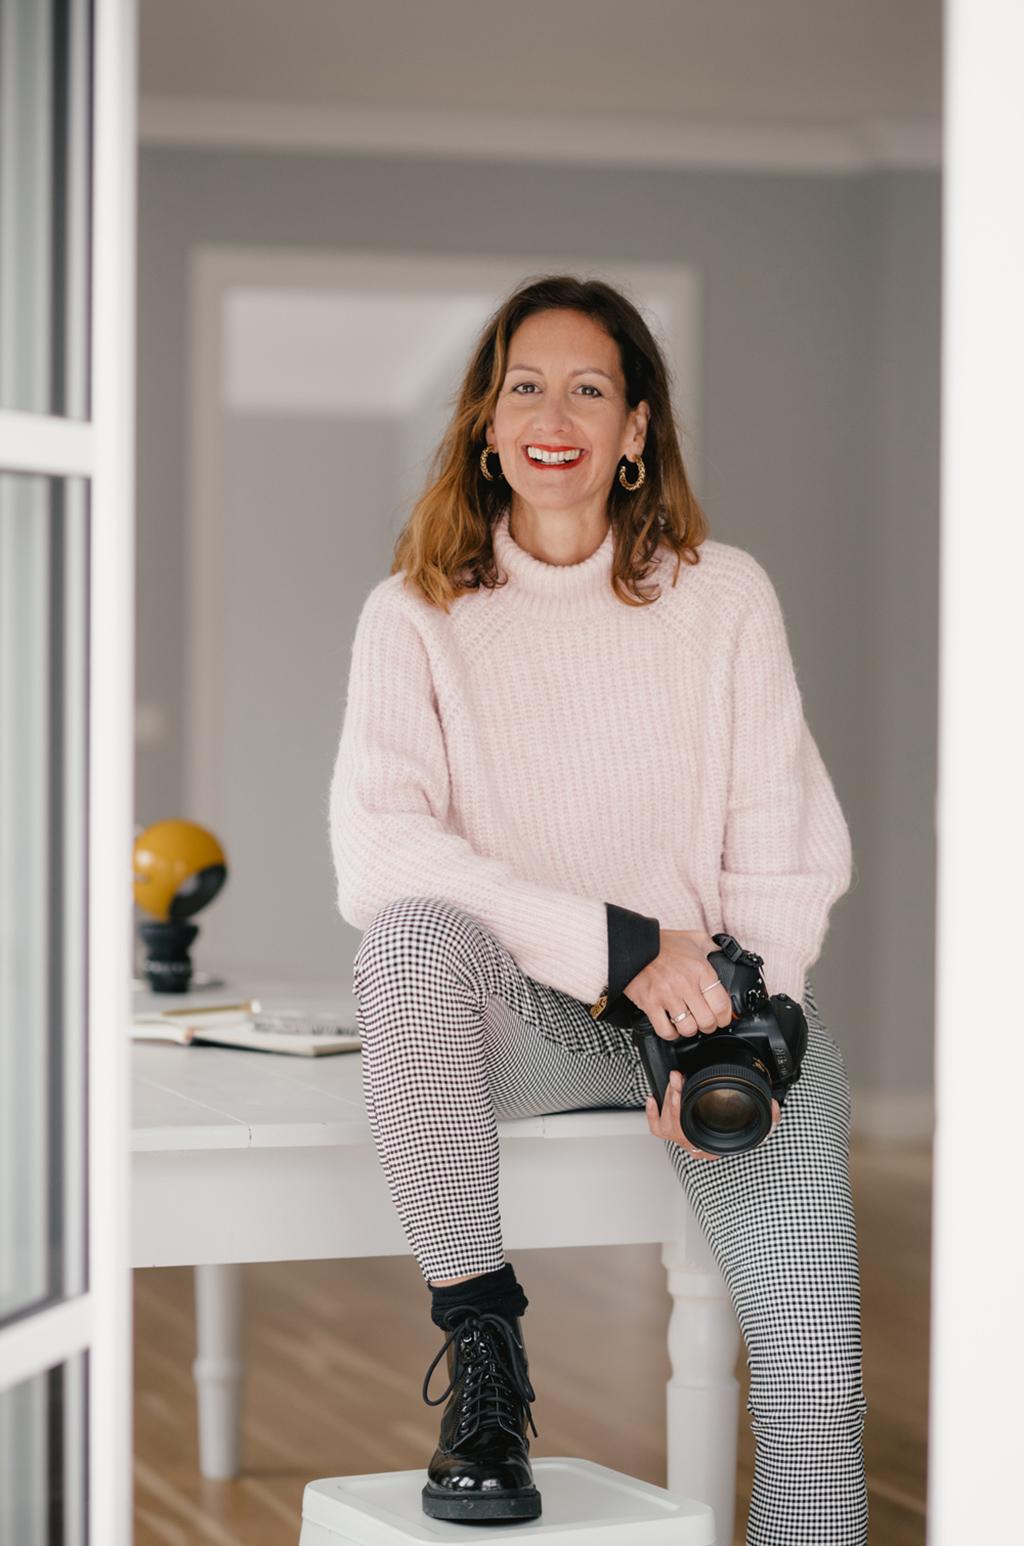 Stefanie Lippert Businessfotografie Muenchen Portraet